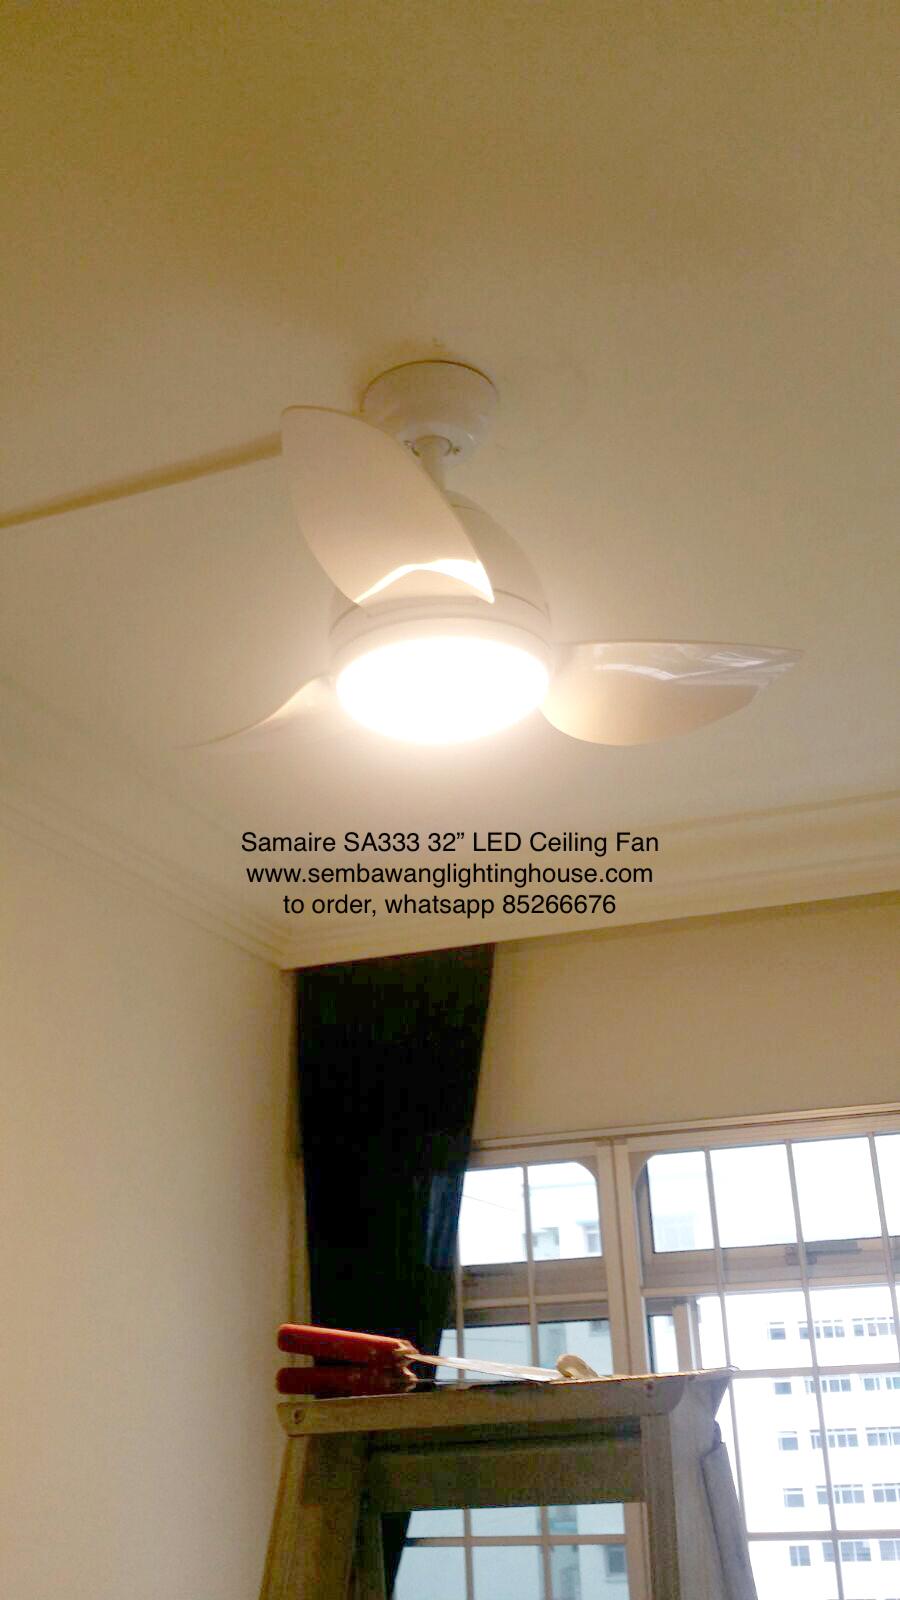 sample04-samaire-sa333-ceiling-fan-white-sembawang-lighting-house.jpg